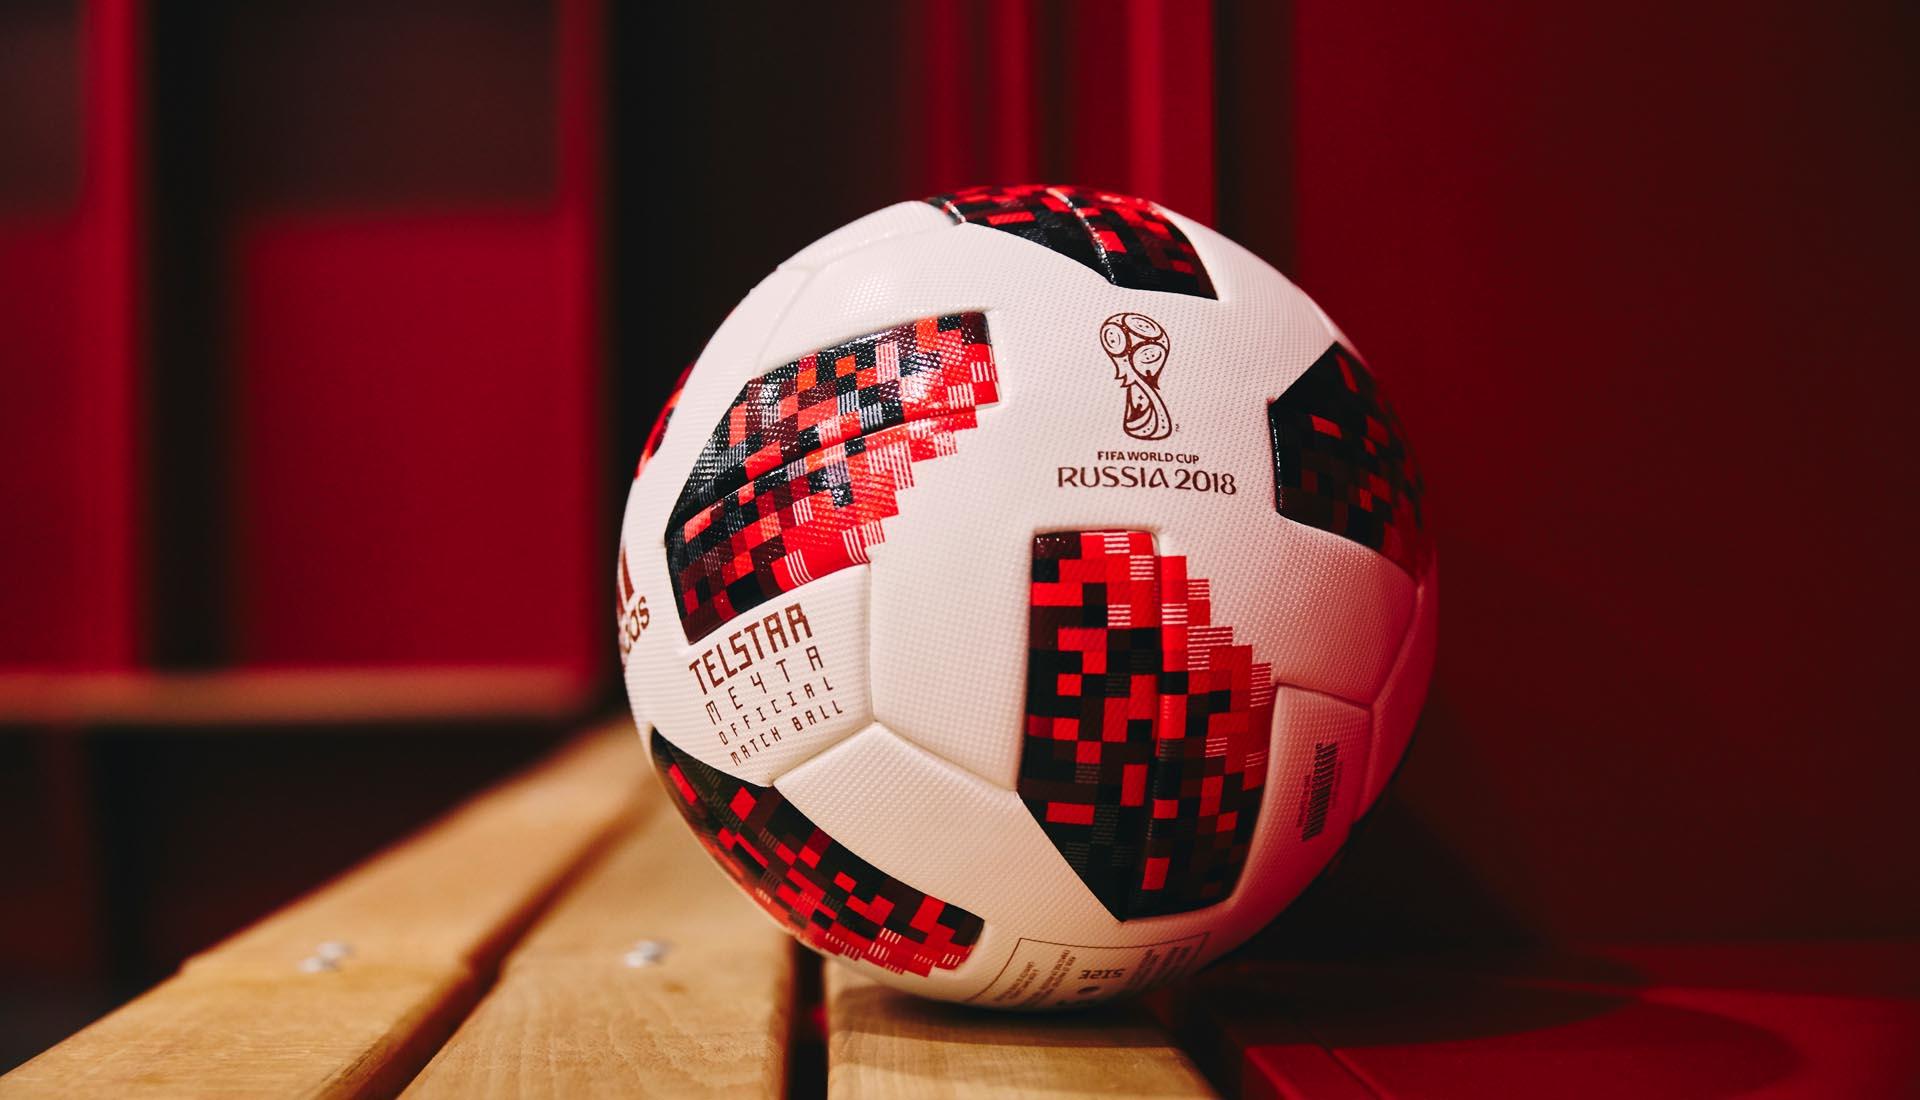 adidas Launch The Telstar Mechta Ball For World Cup KO